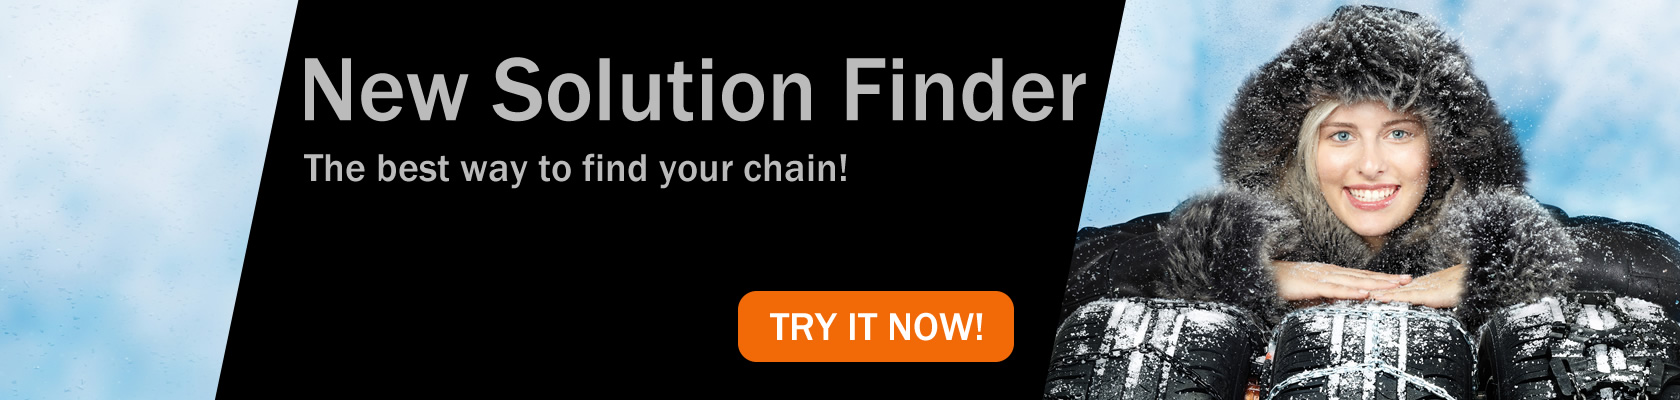 Solution Finder